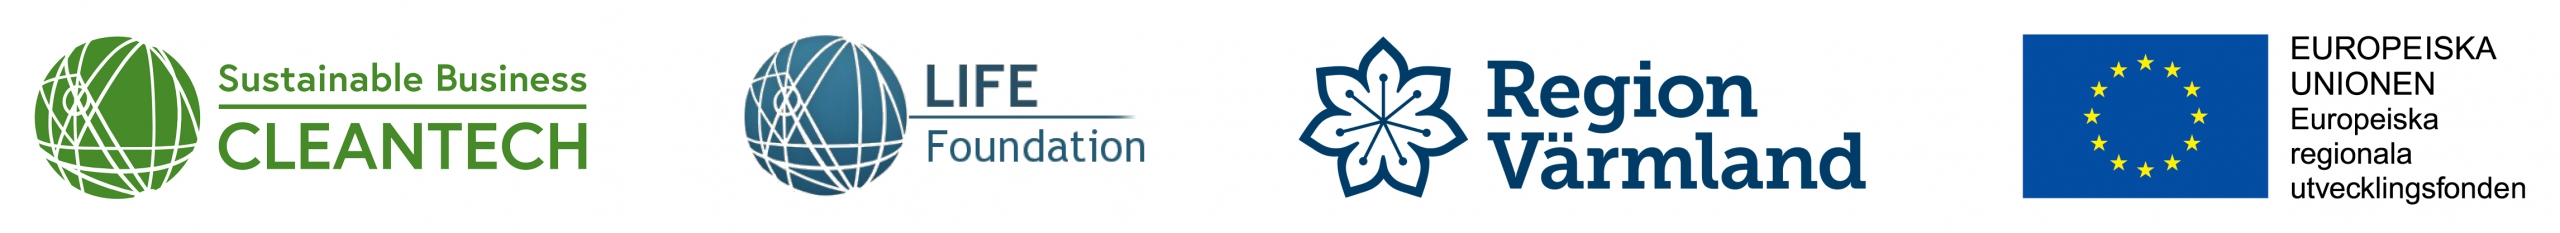 Logotyper till projektets huvudfinansiärer